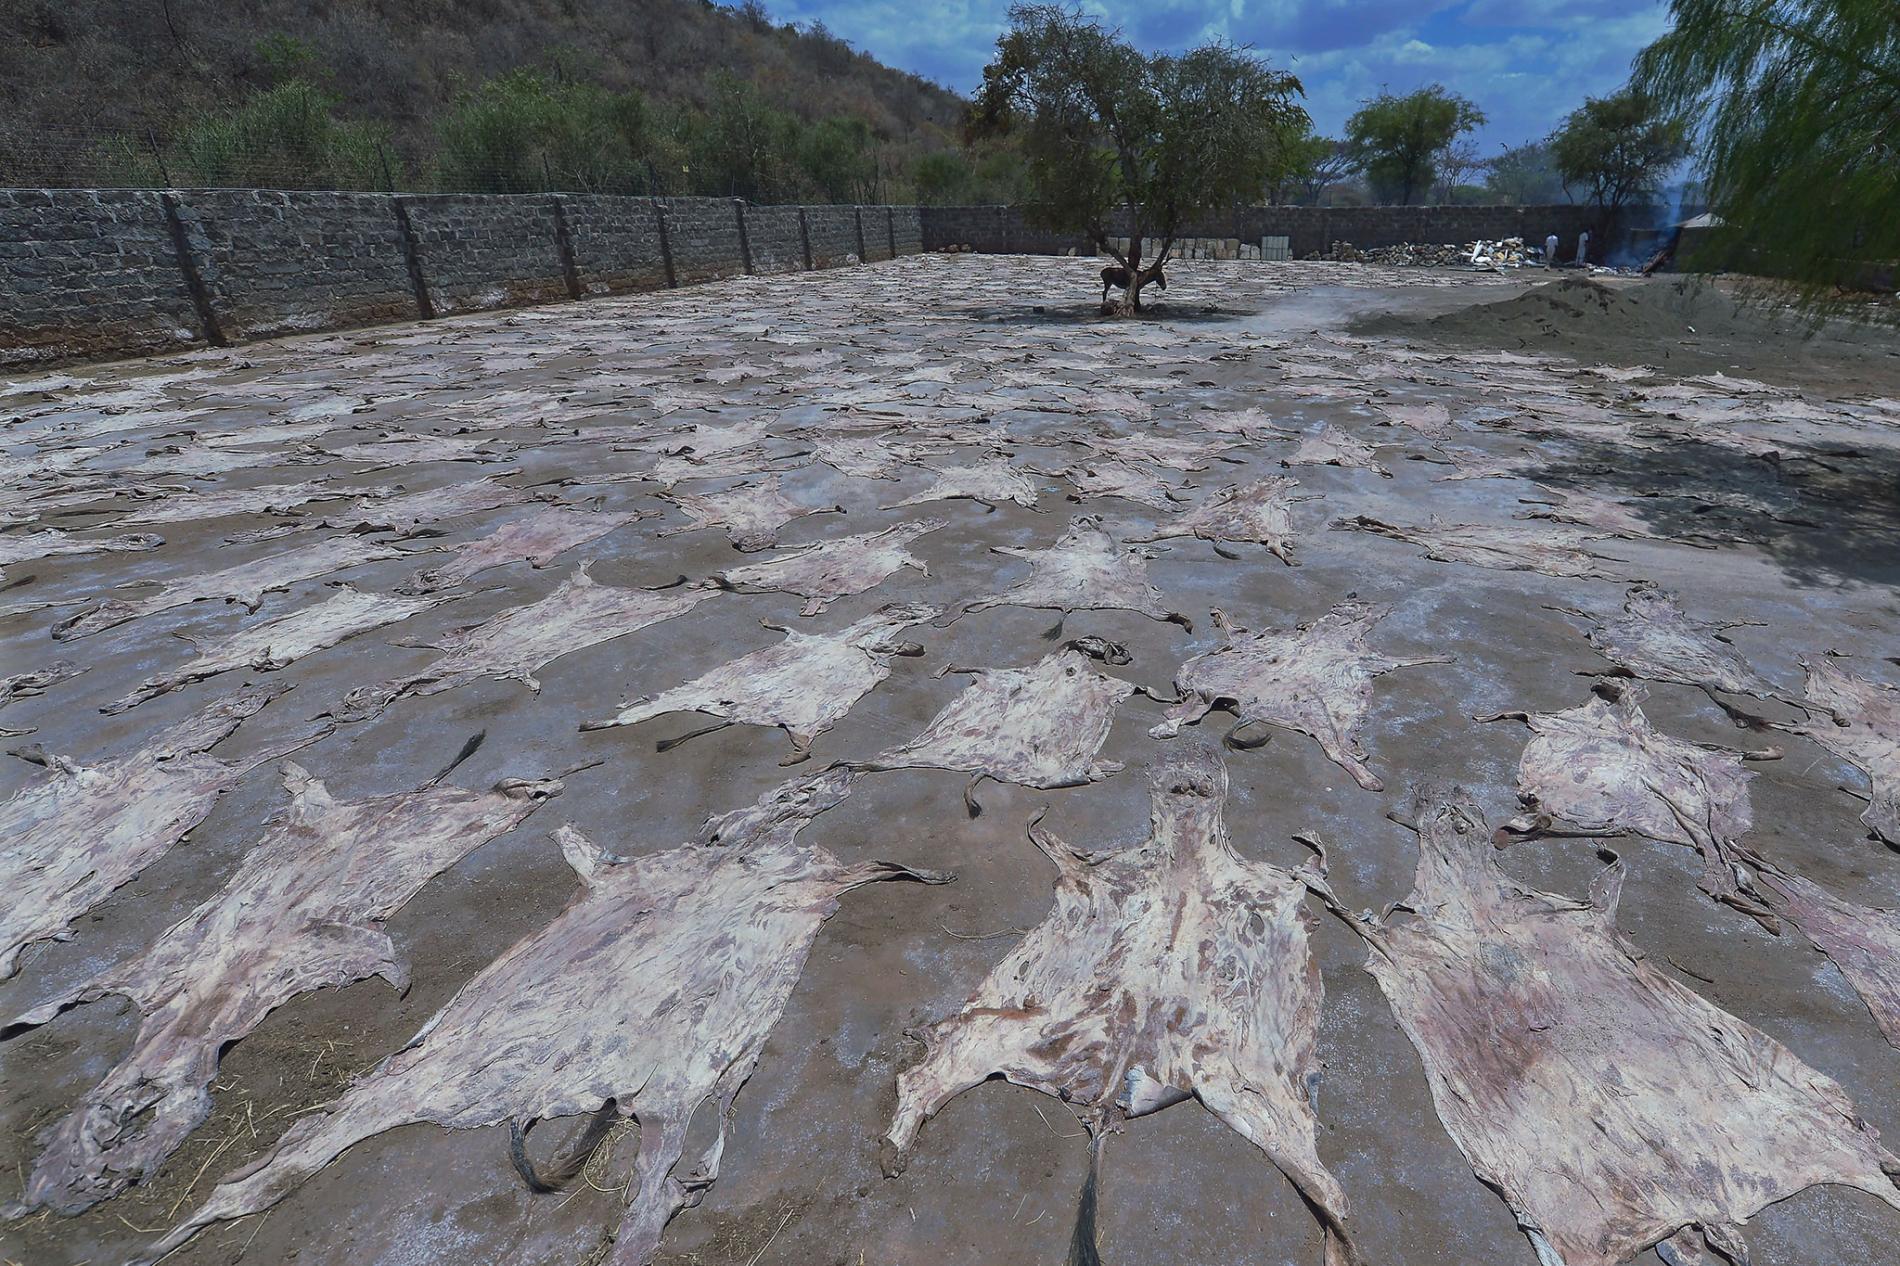 在肯亞一間已獲許可的屠宰場裡,驢皮在太陽下曬乾,同時有一頭驢子在樹蔭下望著這些驢皮。另一方面,南非大部分的驢皮交易都轉為地下活動,野生動物走私犯購買驢皮,然後走私出口。 PHOTOGRAPH BY TONY KARUMBA, AFP/GETTY